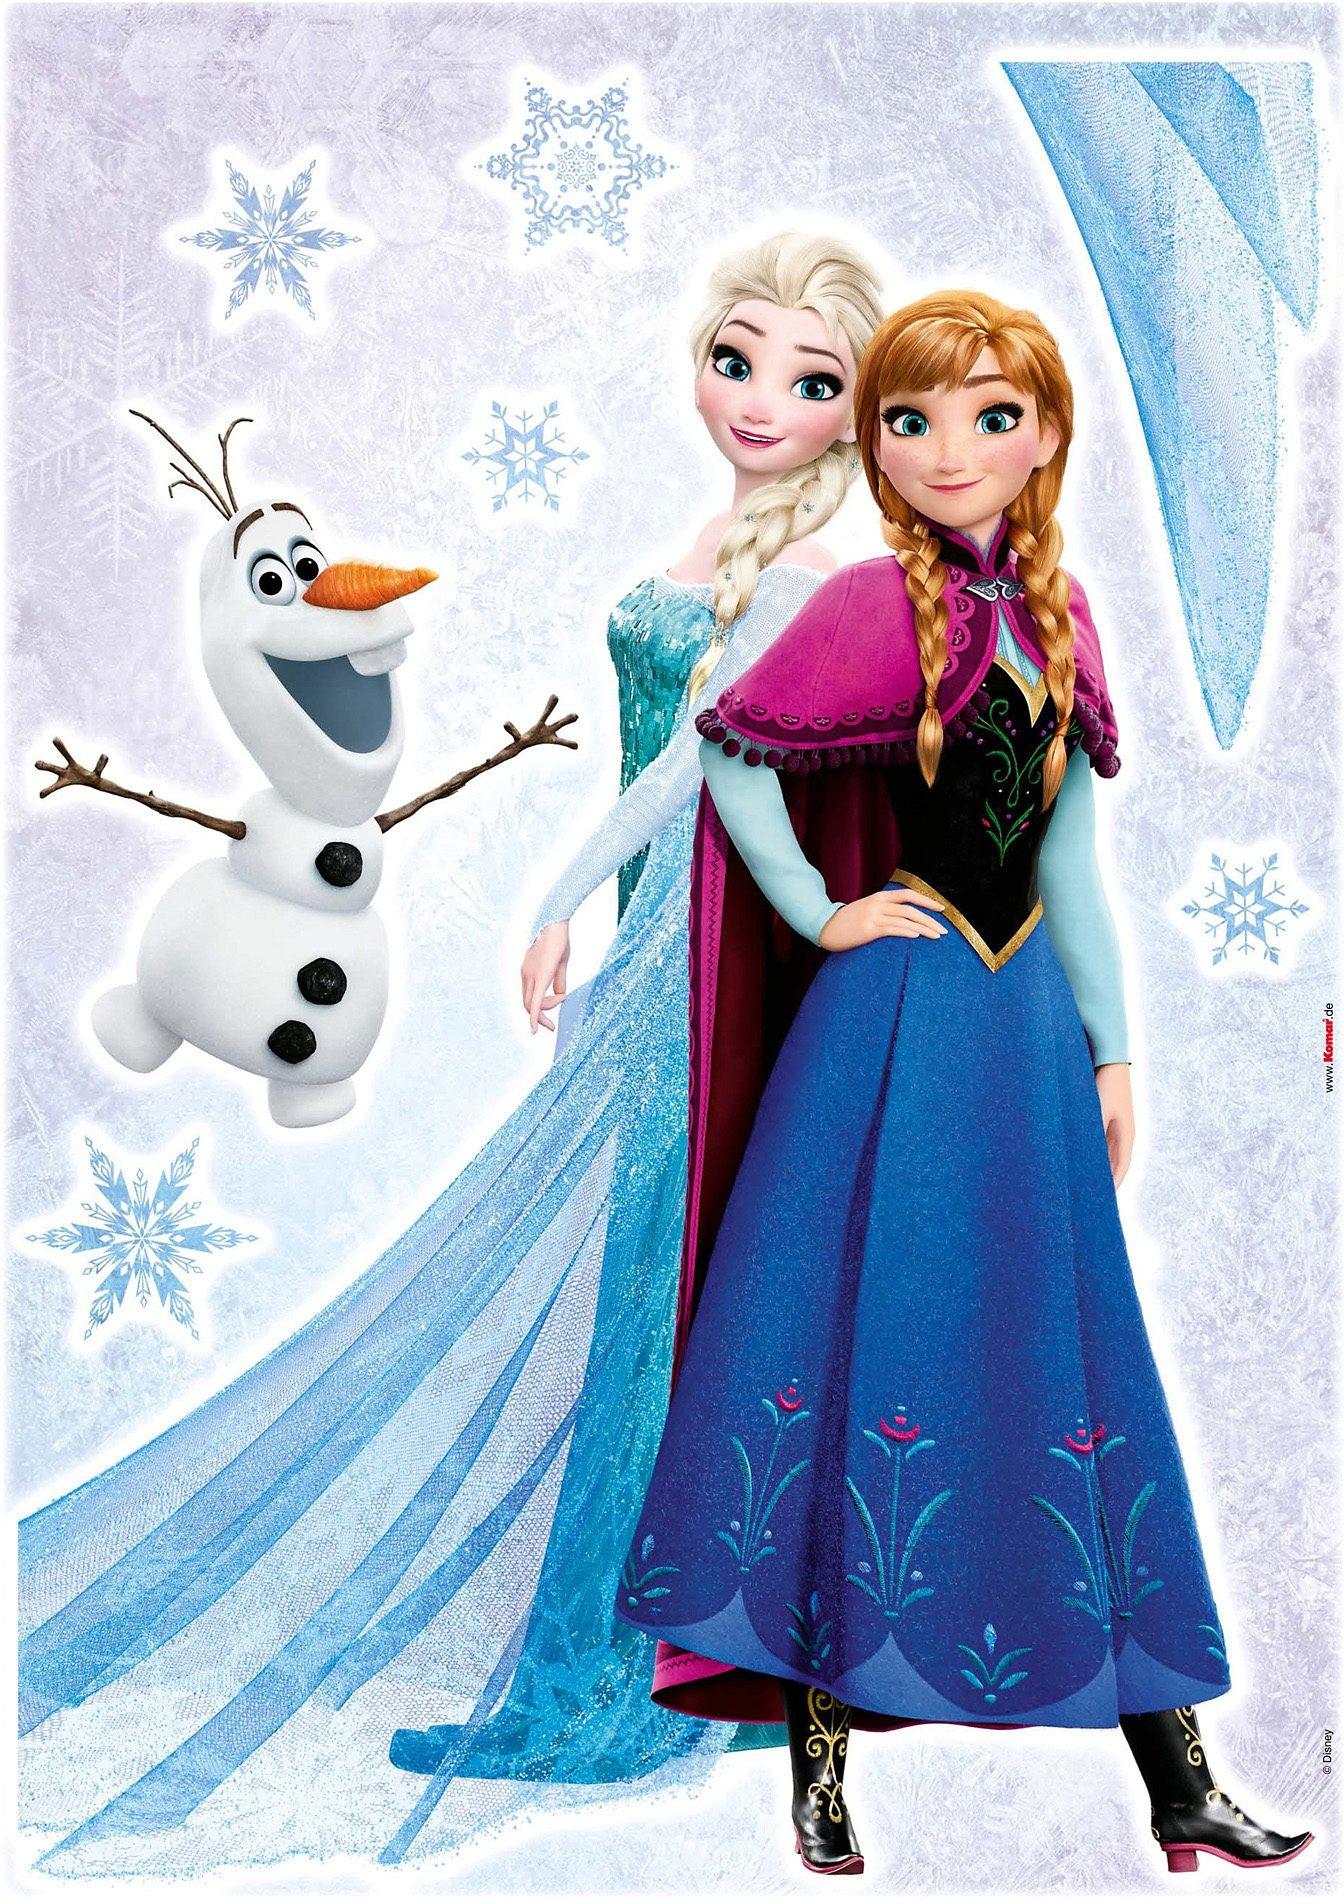 Wandsticker, Komar, »Frozen Sisters«, 50/70 cm